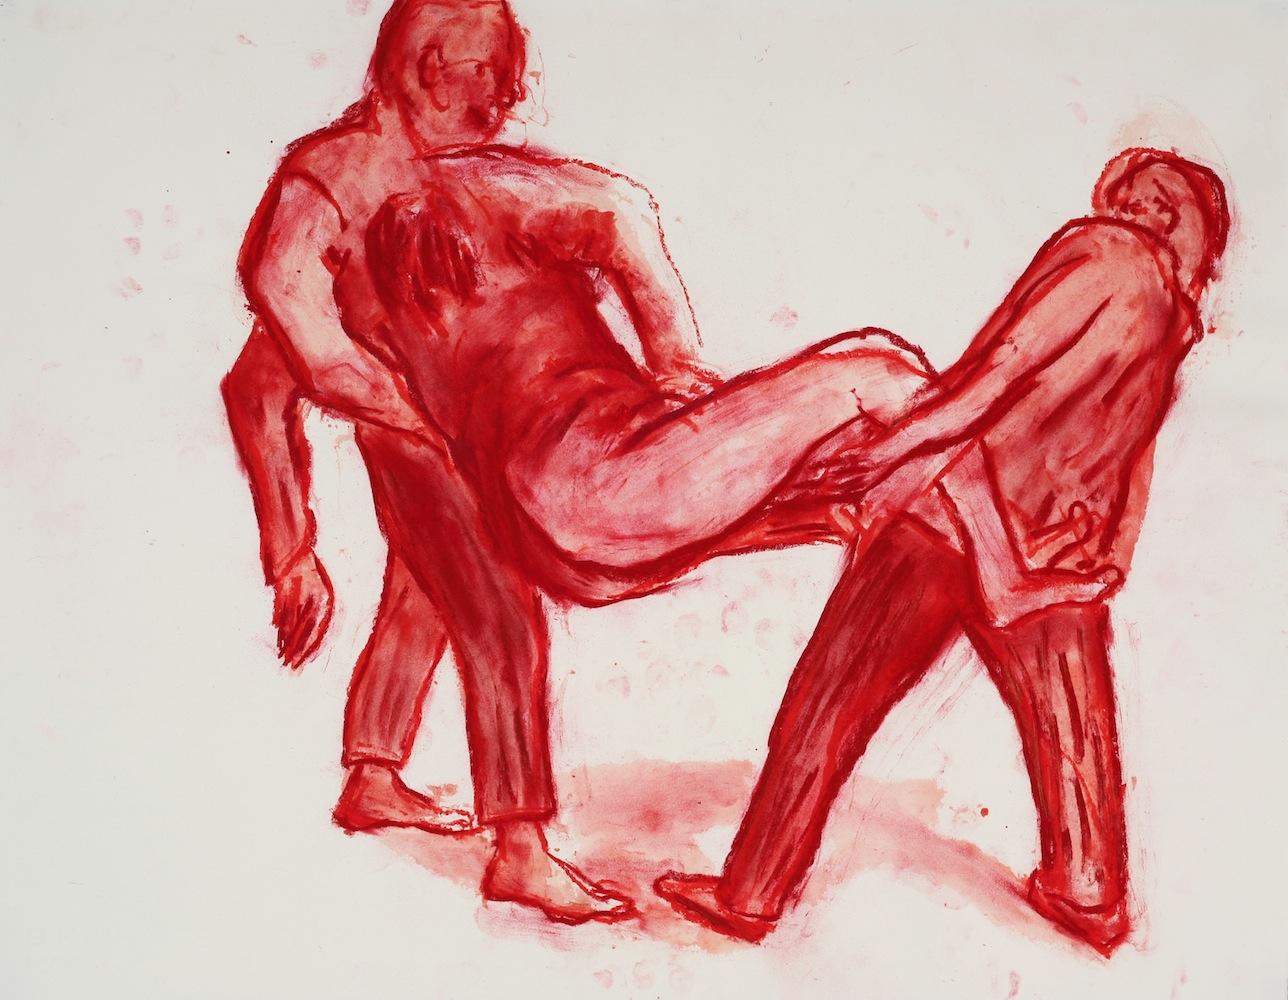 de la série LES DESASTRES DE LA GUERRE (d'après Goya) 2015/16 - mixed media on paper - 50 x 65cm @JörgLanghans